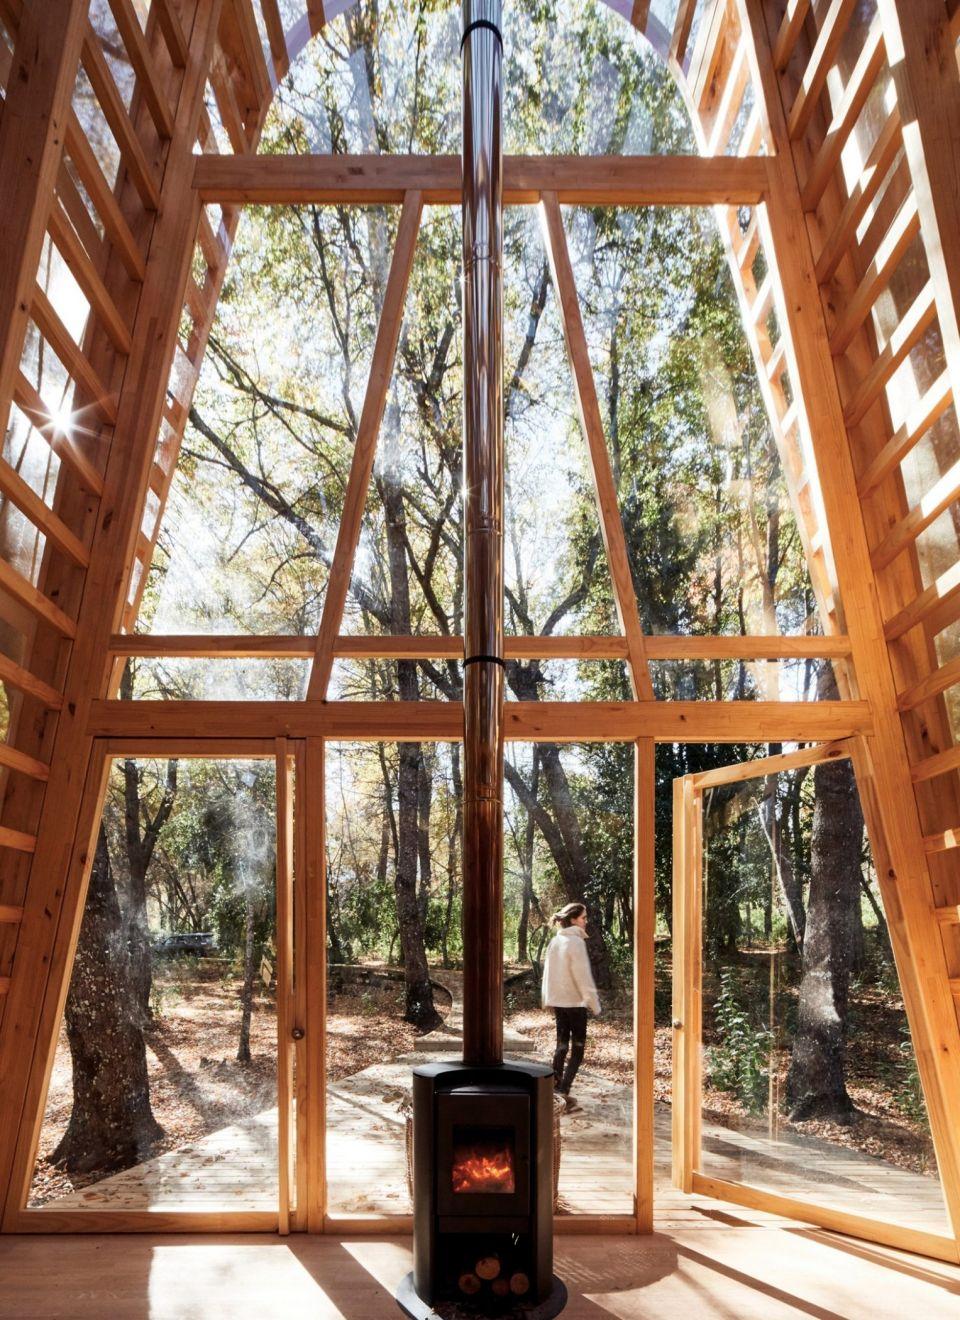 La Invernada - небольшой деревянный дом в ЧилиНебольшой трехэтажный дом площадью 54 квадратных метра, спроектированный архитектурным бюро Guillermo Acuña Arquitectos Asociados, имеет простую конструкцию: деревянный каркас, обшитый листами монолитного поликарбоната. При этом объект, расположенный в районе Курико (Чили), смотрится впечатляюще и отлично вписывается в окружающую среду: с одной стороны здания протекает река, а с другой - начинается лес.Днем внутри здания можно наблюдать красивую игру теней, а ночью дом превращается в большой светильник. На первом этаже располагается гостиная с дровяной печью и небольшой кухней, а также ванной комнатой. На втором и третьем этажах расположены спальни.В качестве материала для каркаса использована ламинированная чилийская сосна. Монолитный поликарбонат толщиной 8 мм - материал, известный своей высокой прочностью и антивандальными свойствами. Кроме поликарбоната в обшивке здания по длинным сторонам присутствует солнцезащитная сетка.Каркас здания смоделирован в компьютерной программе, а его элементы вырезаны по модели на оборудовании с ЧПУ. Сборка каркаса осуществлена при помощи деревянных крепежных деталей. Строительство заняло в общей сложности 20 дней.#малоэтажноестроительство #чили